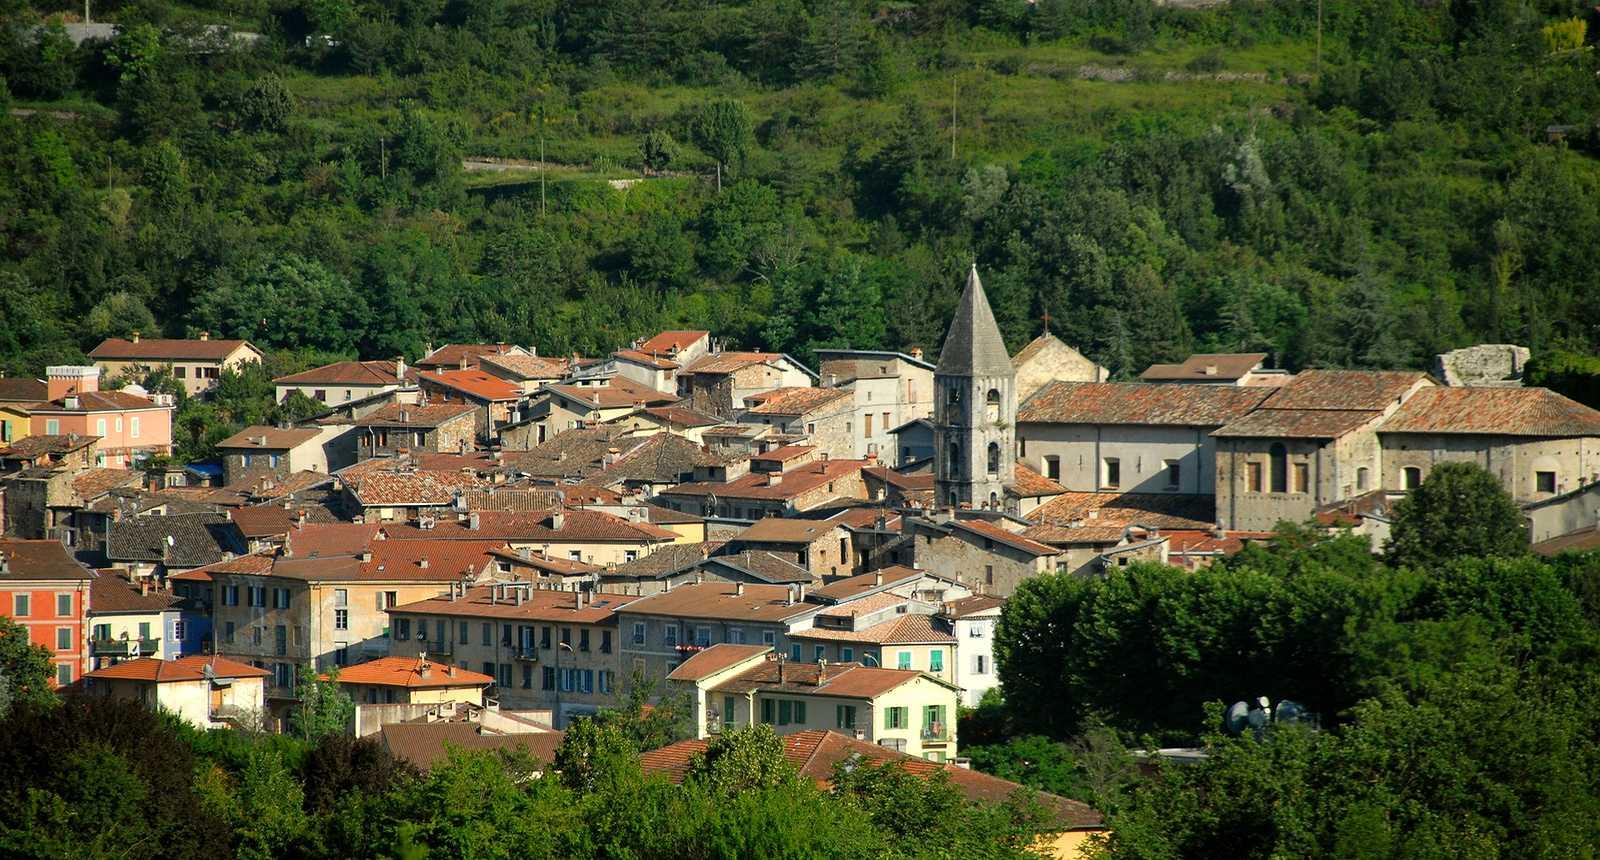 La ville de Sospel